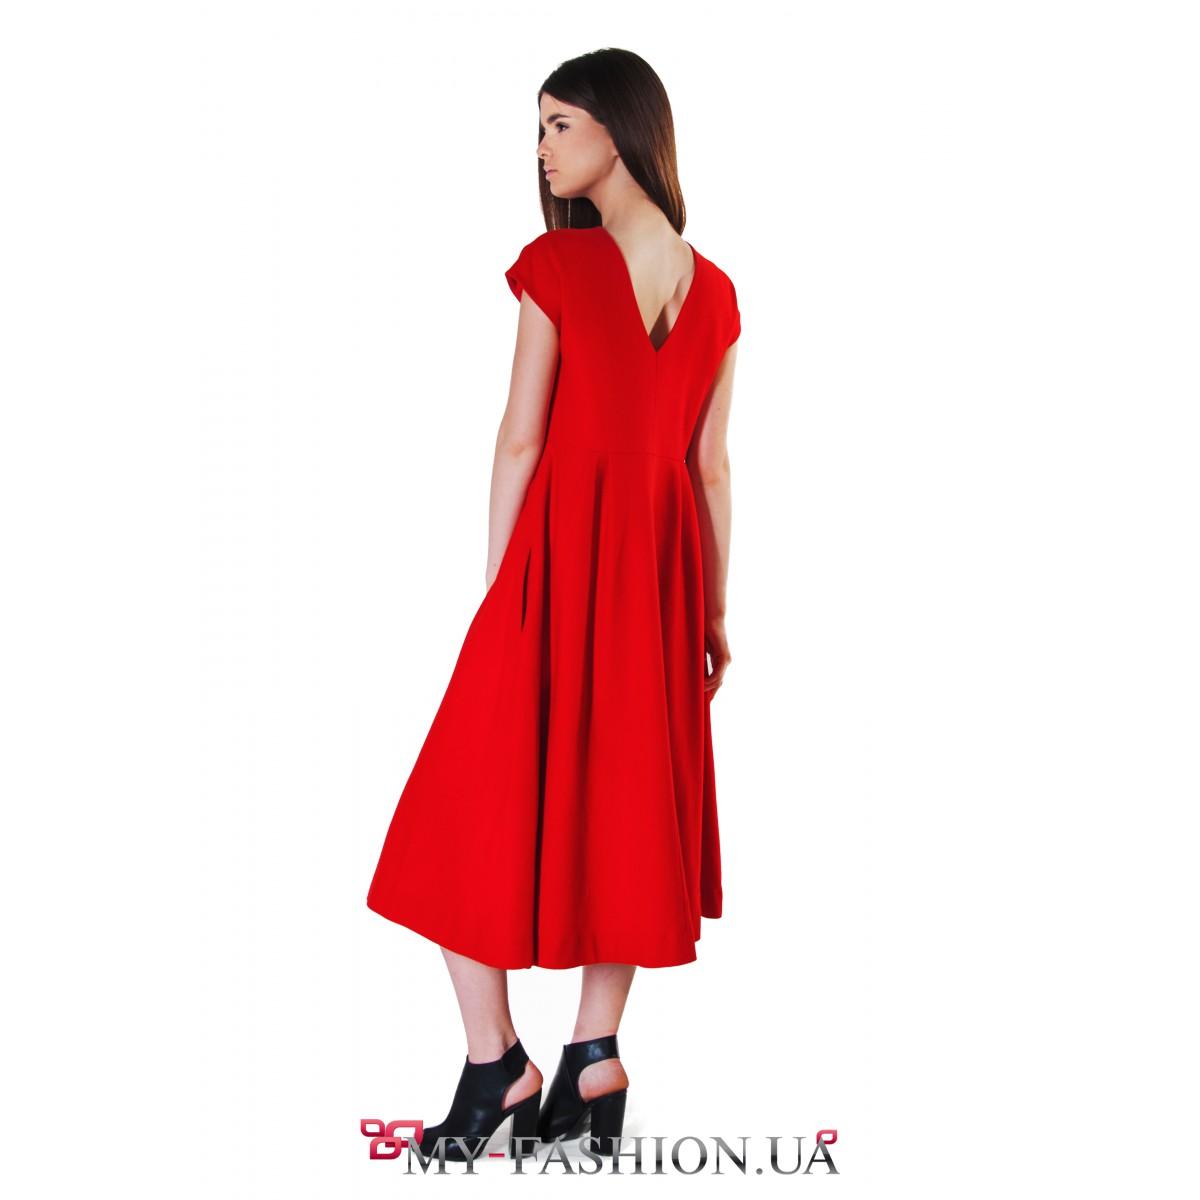 c947a8fa906 Восхитительное красное платье средней длины купить в интернет ...